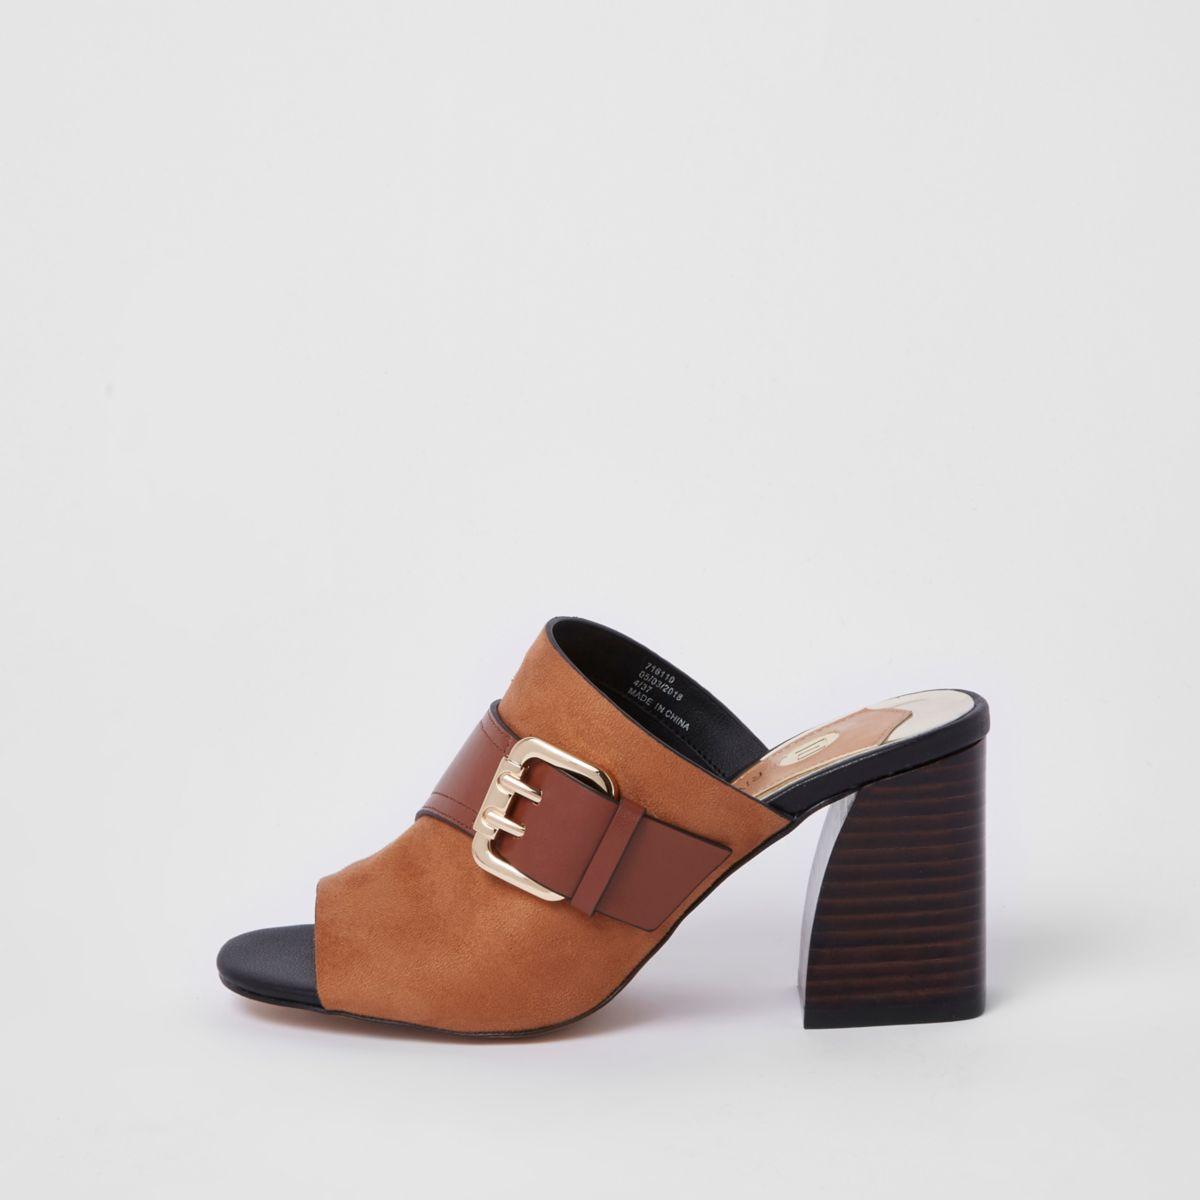 Brown Buckle Wide Fit Block Heel Mule Sandals by River Island